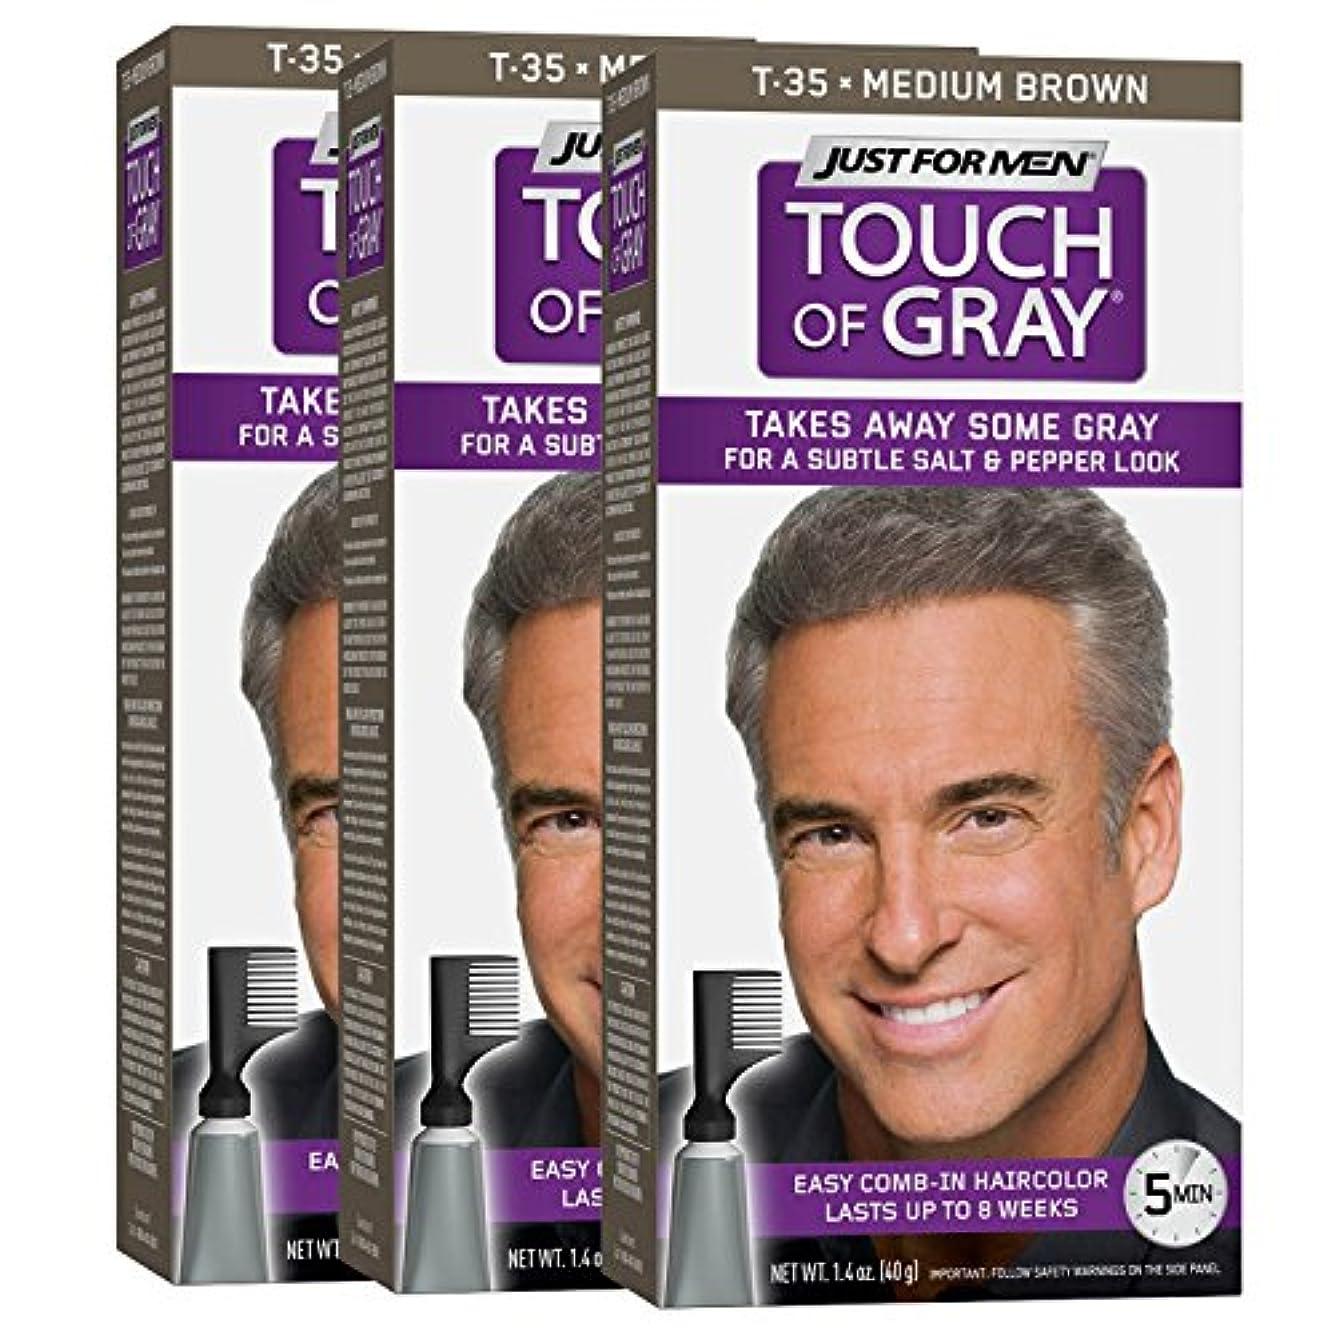 はっきりとデッドカカドゥJust for Men グレーくしメンズヘアカラー、ミディアムブラウンの感触(3パック) 3パック ミディアムブラウン